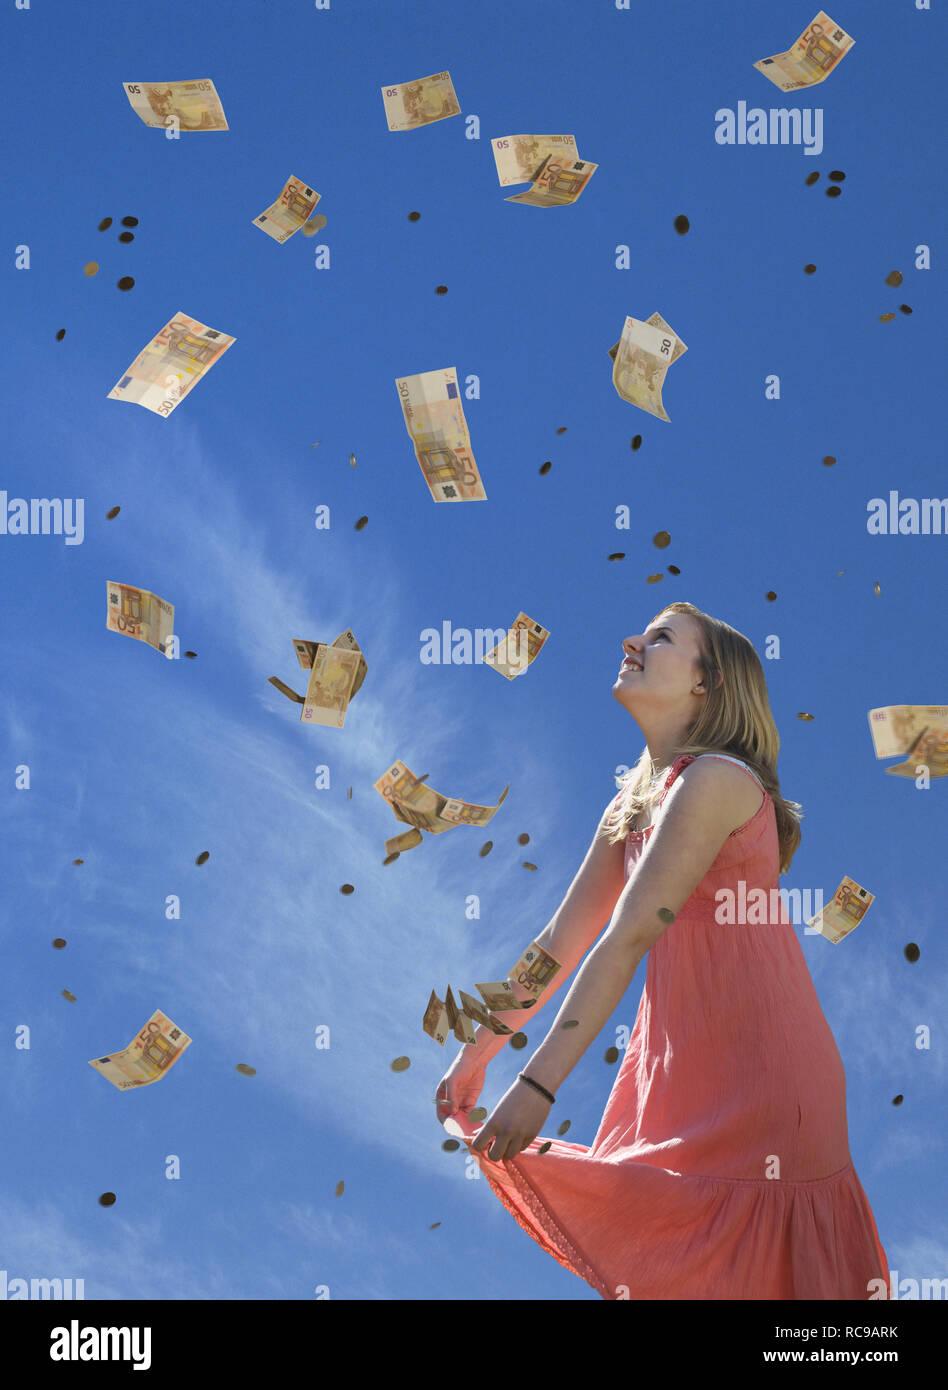 jugendliches Mädchen empfängt Geldregen | young female teenager receiving money rain - Stock Image